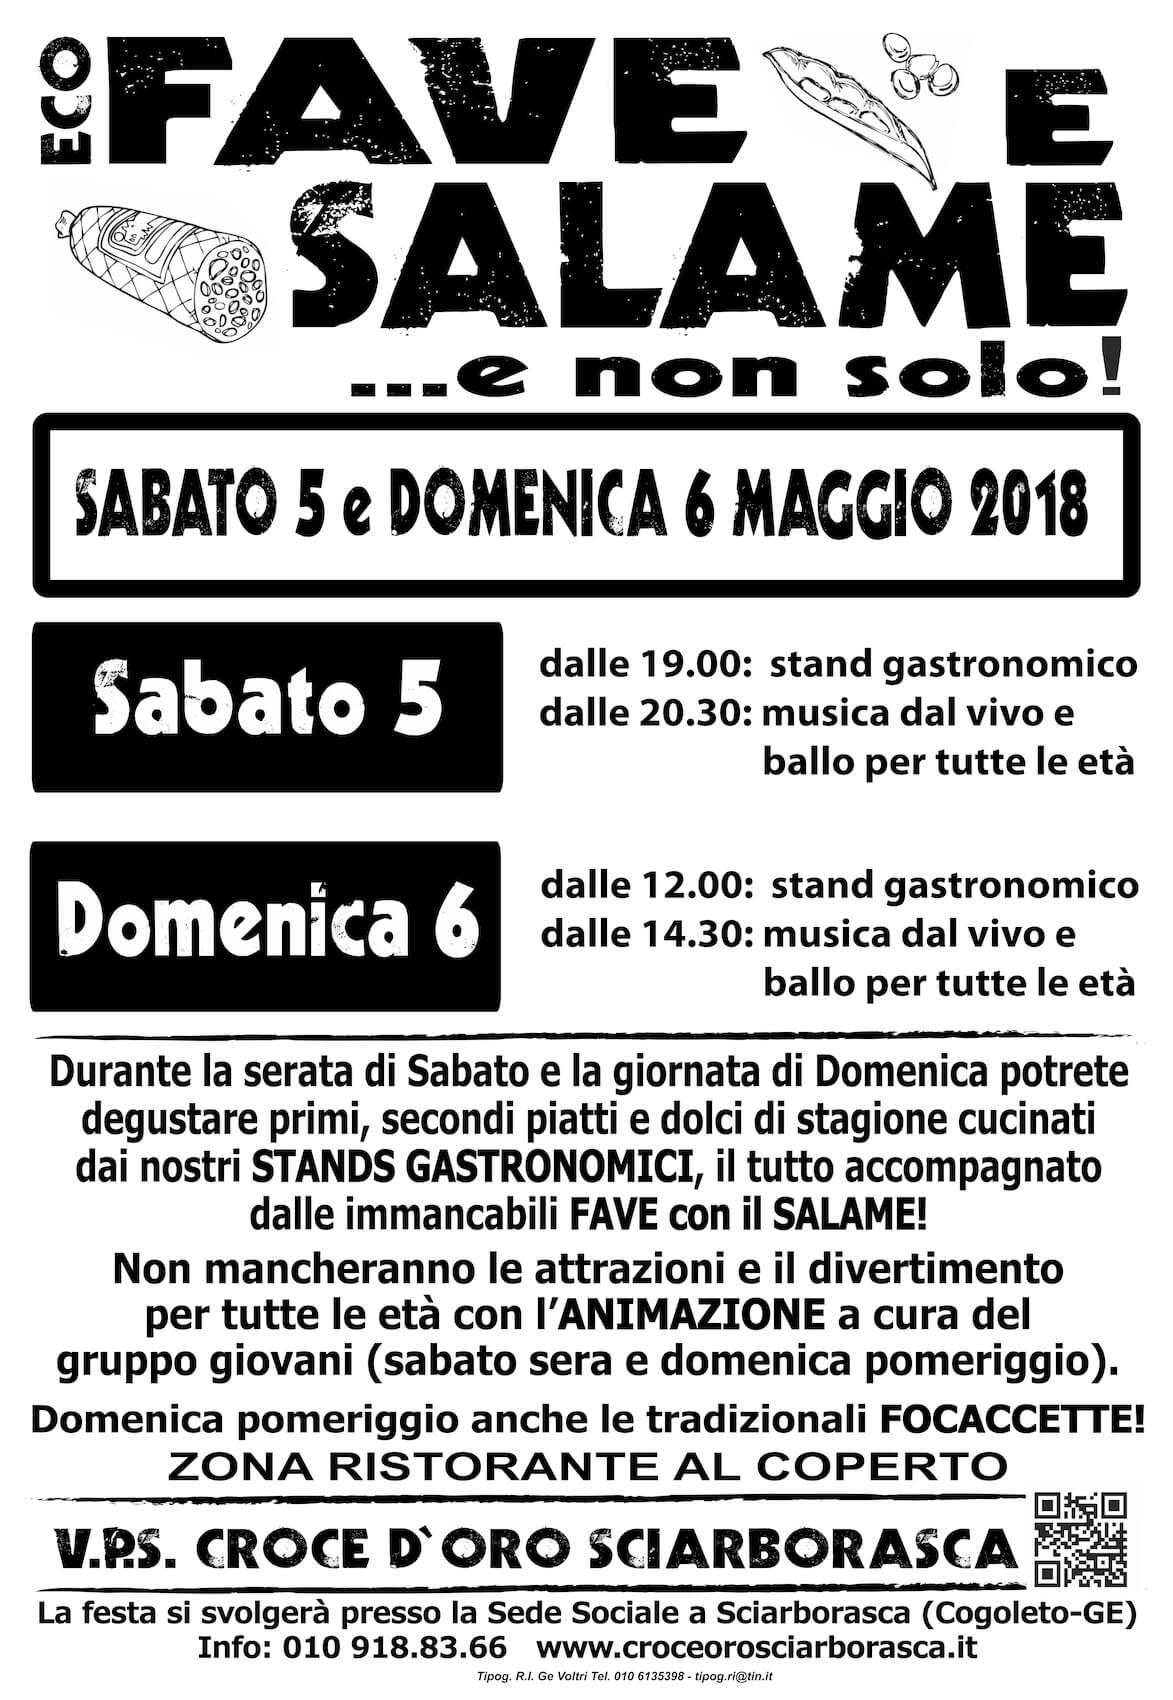 Manifesto Ecofesta Sociale 2016